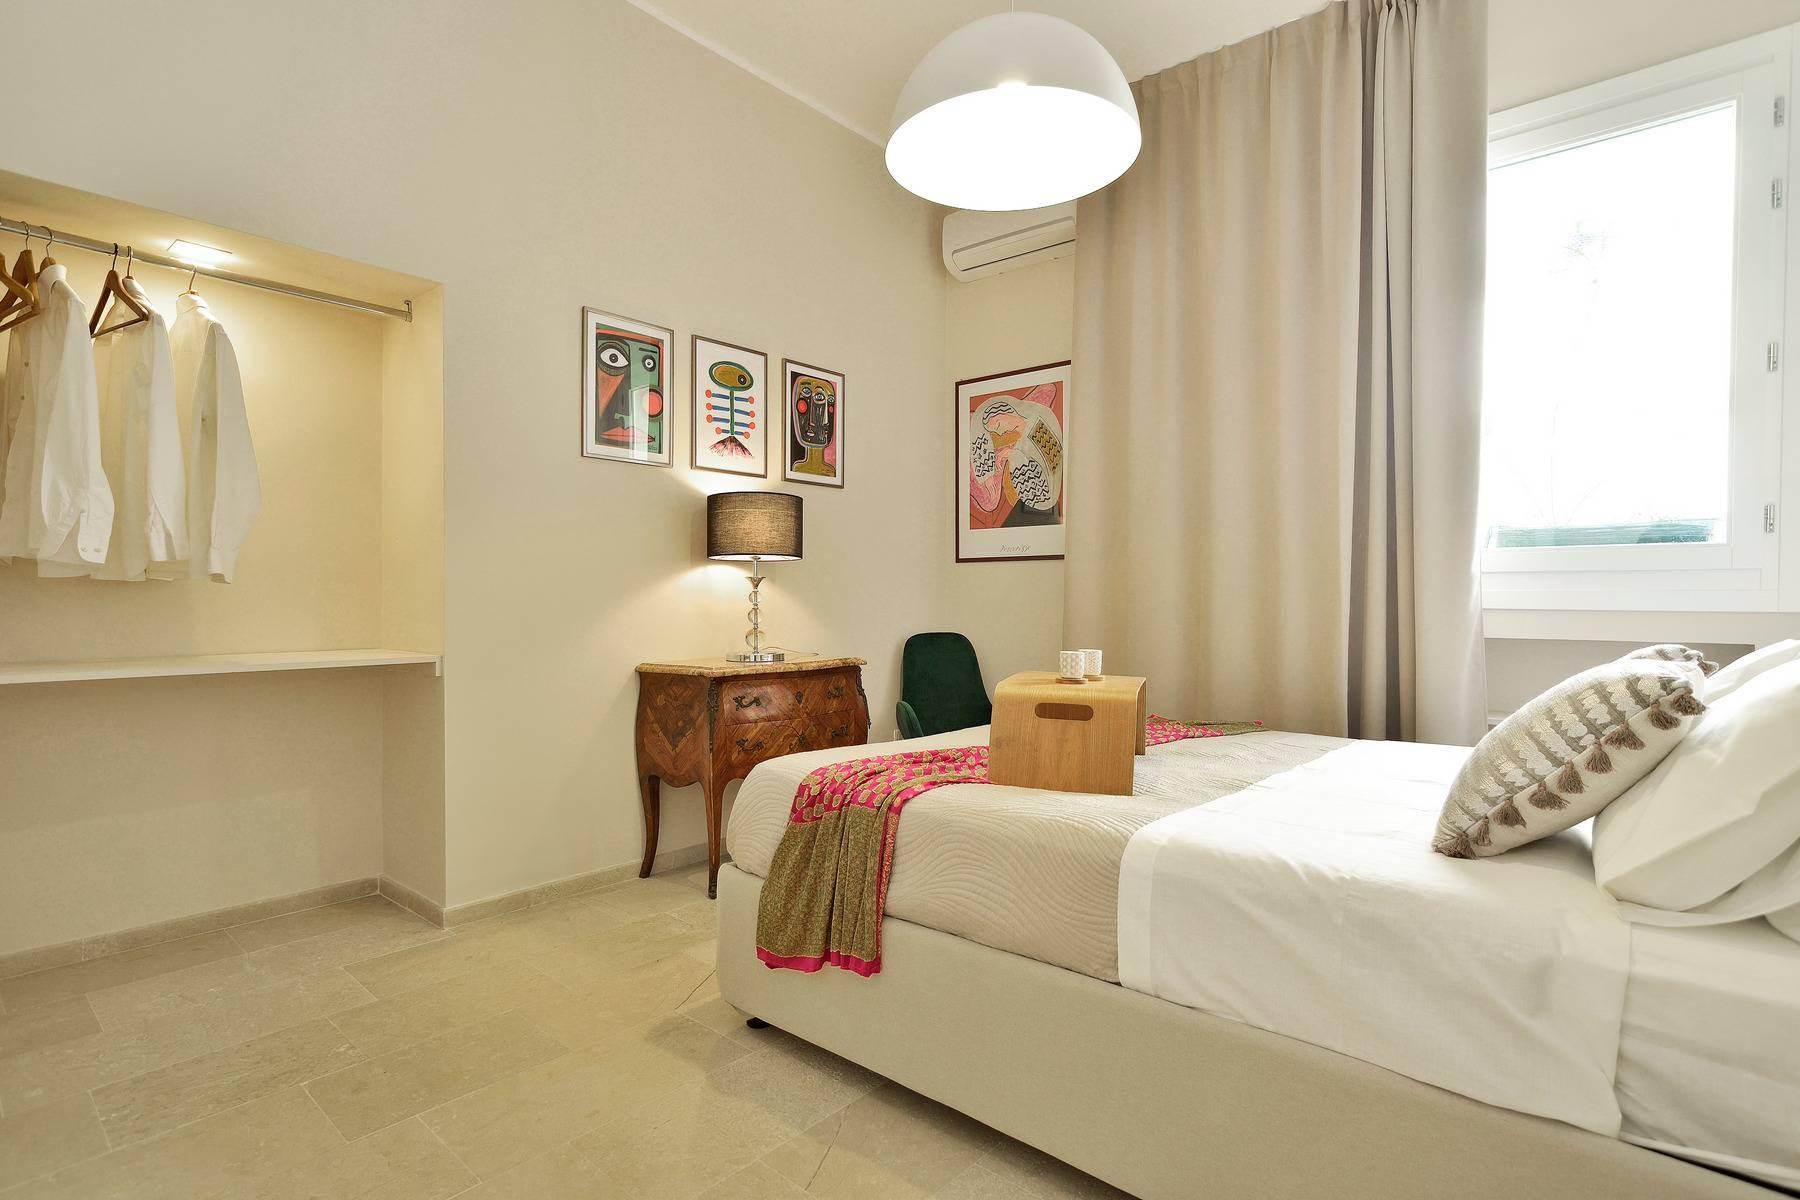 Appartamento in Vendita a Noto: 3 locali, 73 mq - Foto 7